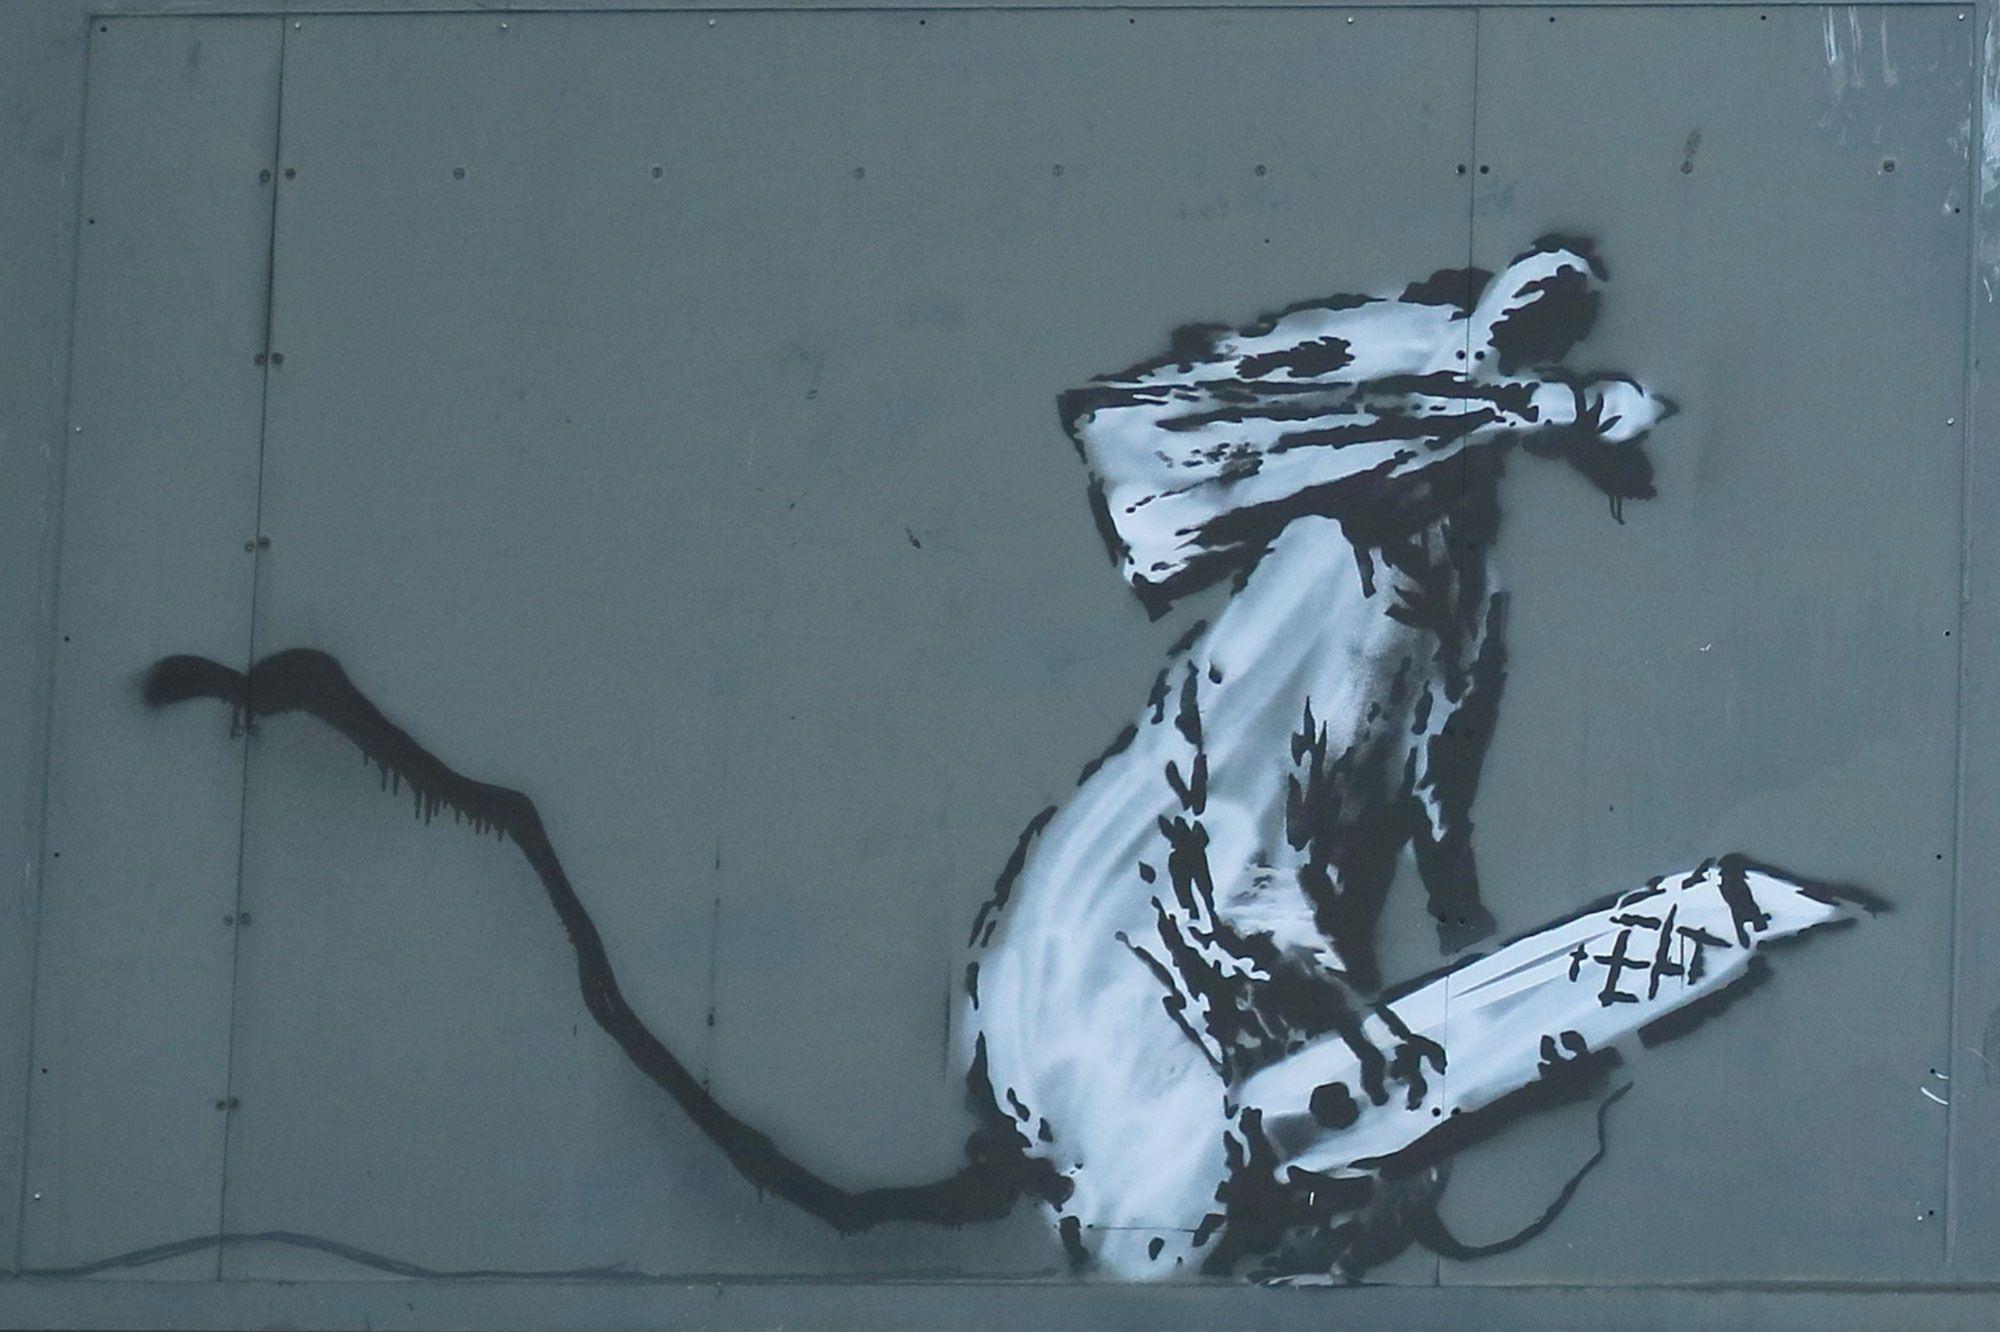 L'opera di Banksy rubata a Parigi